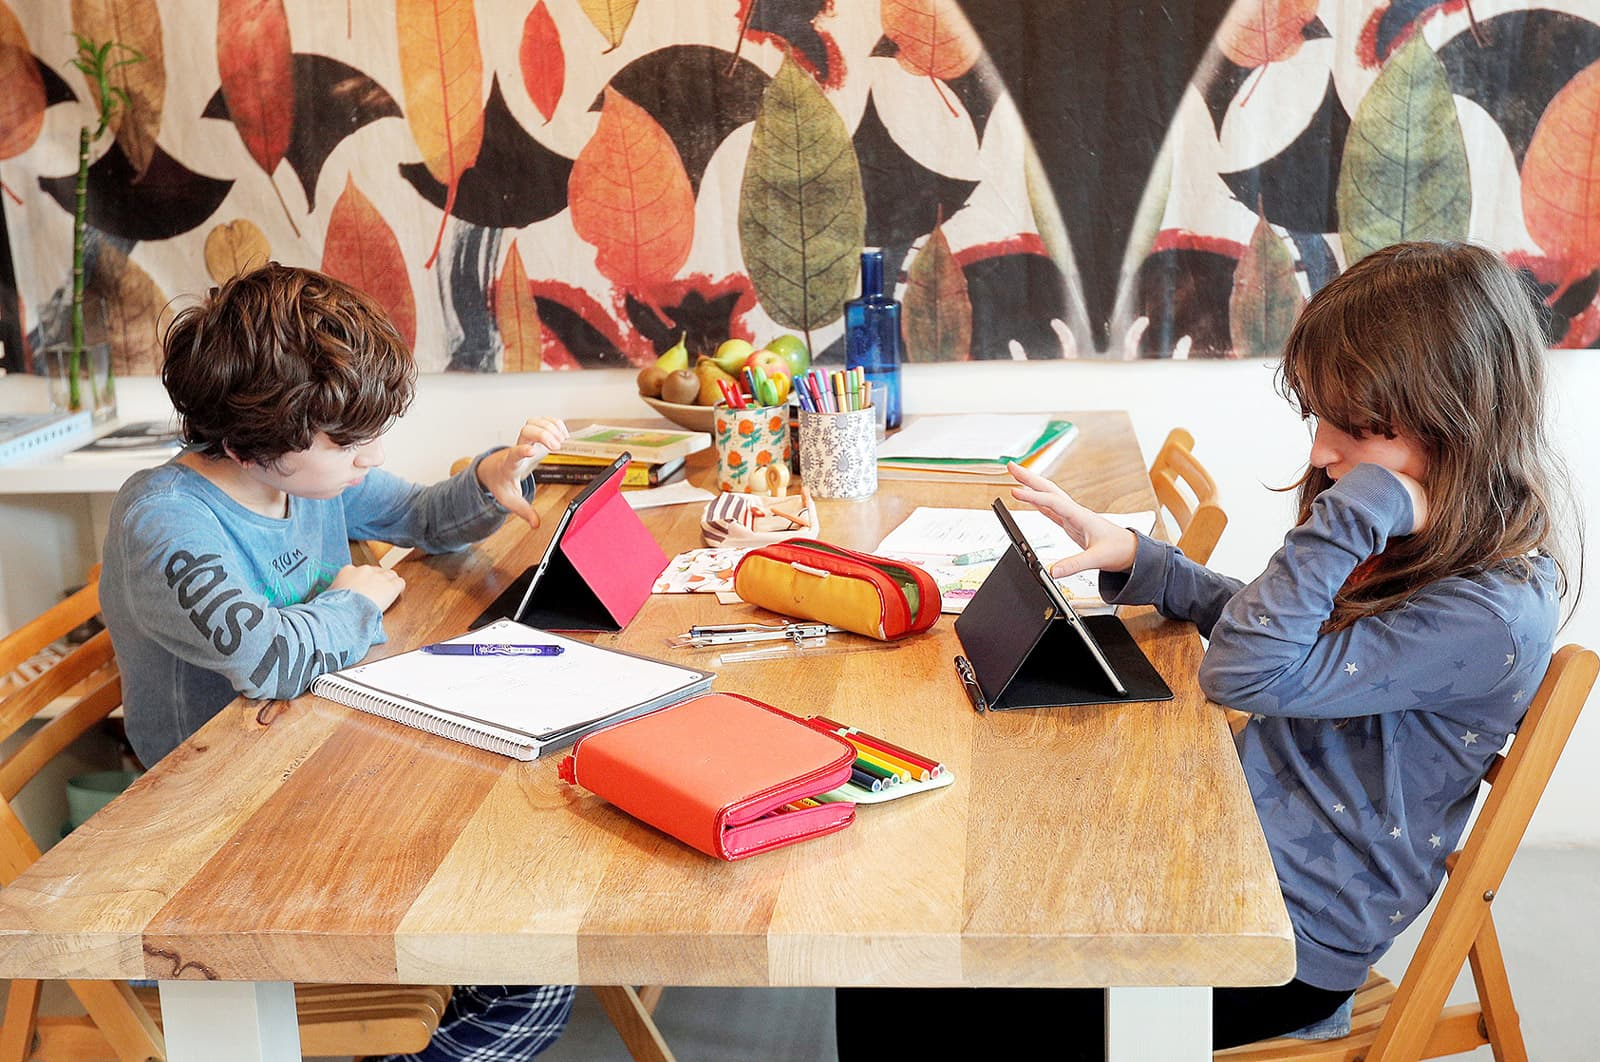 Dos nens de primària fan les tasques escolars, durant el confinament, a casa seva a Godella, València. Fotografia de Kai Försterling. Efe